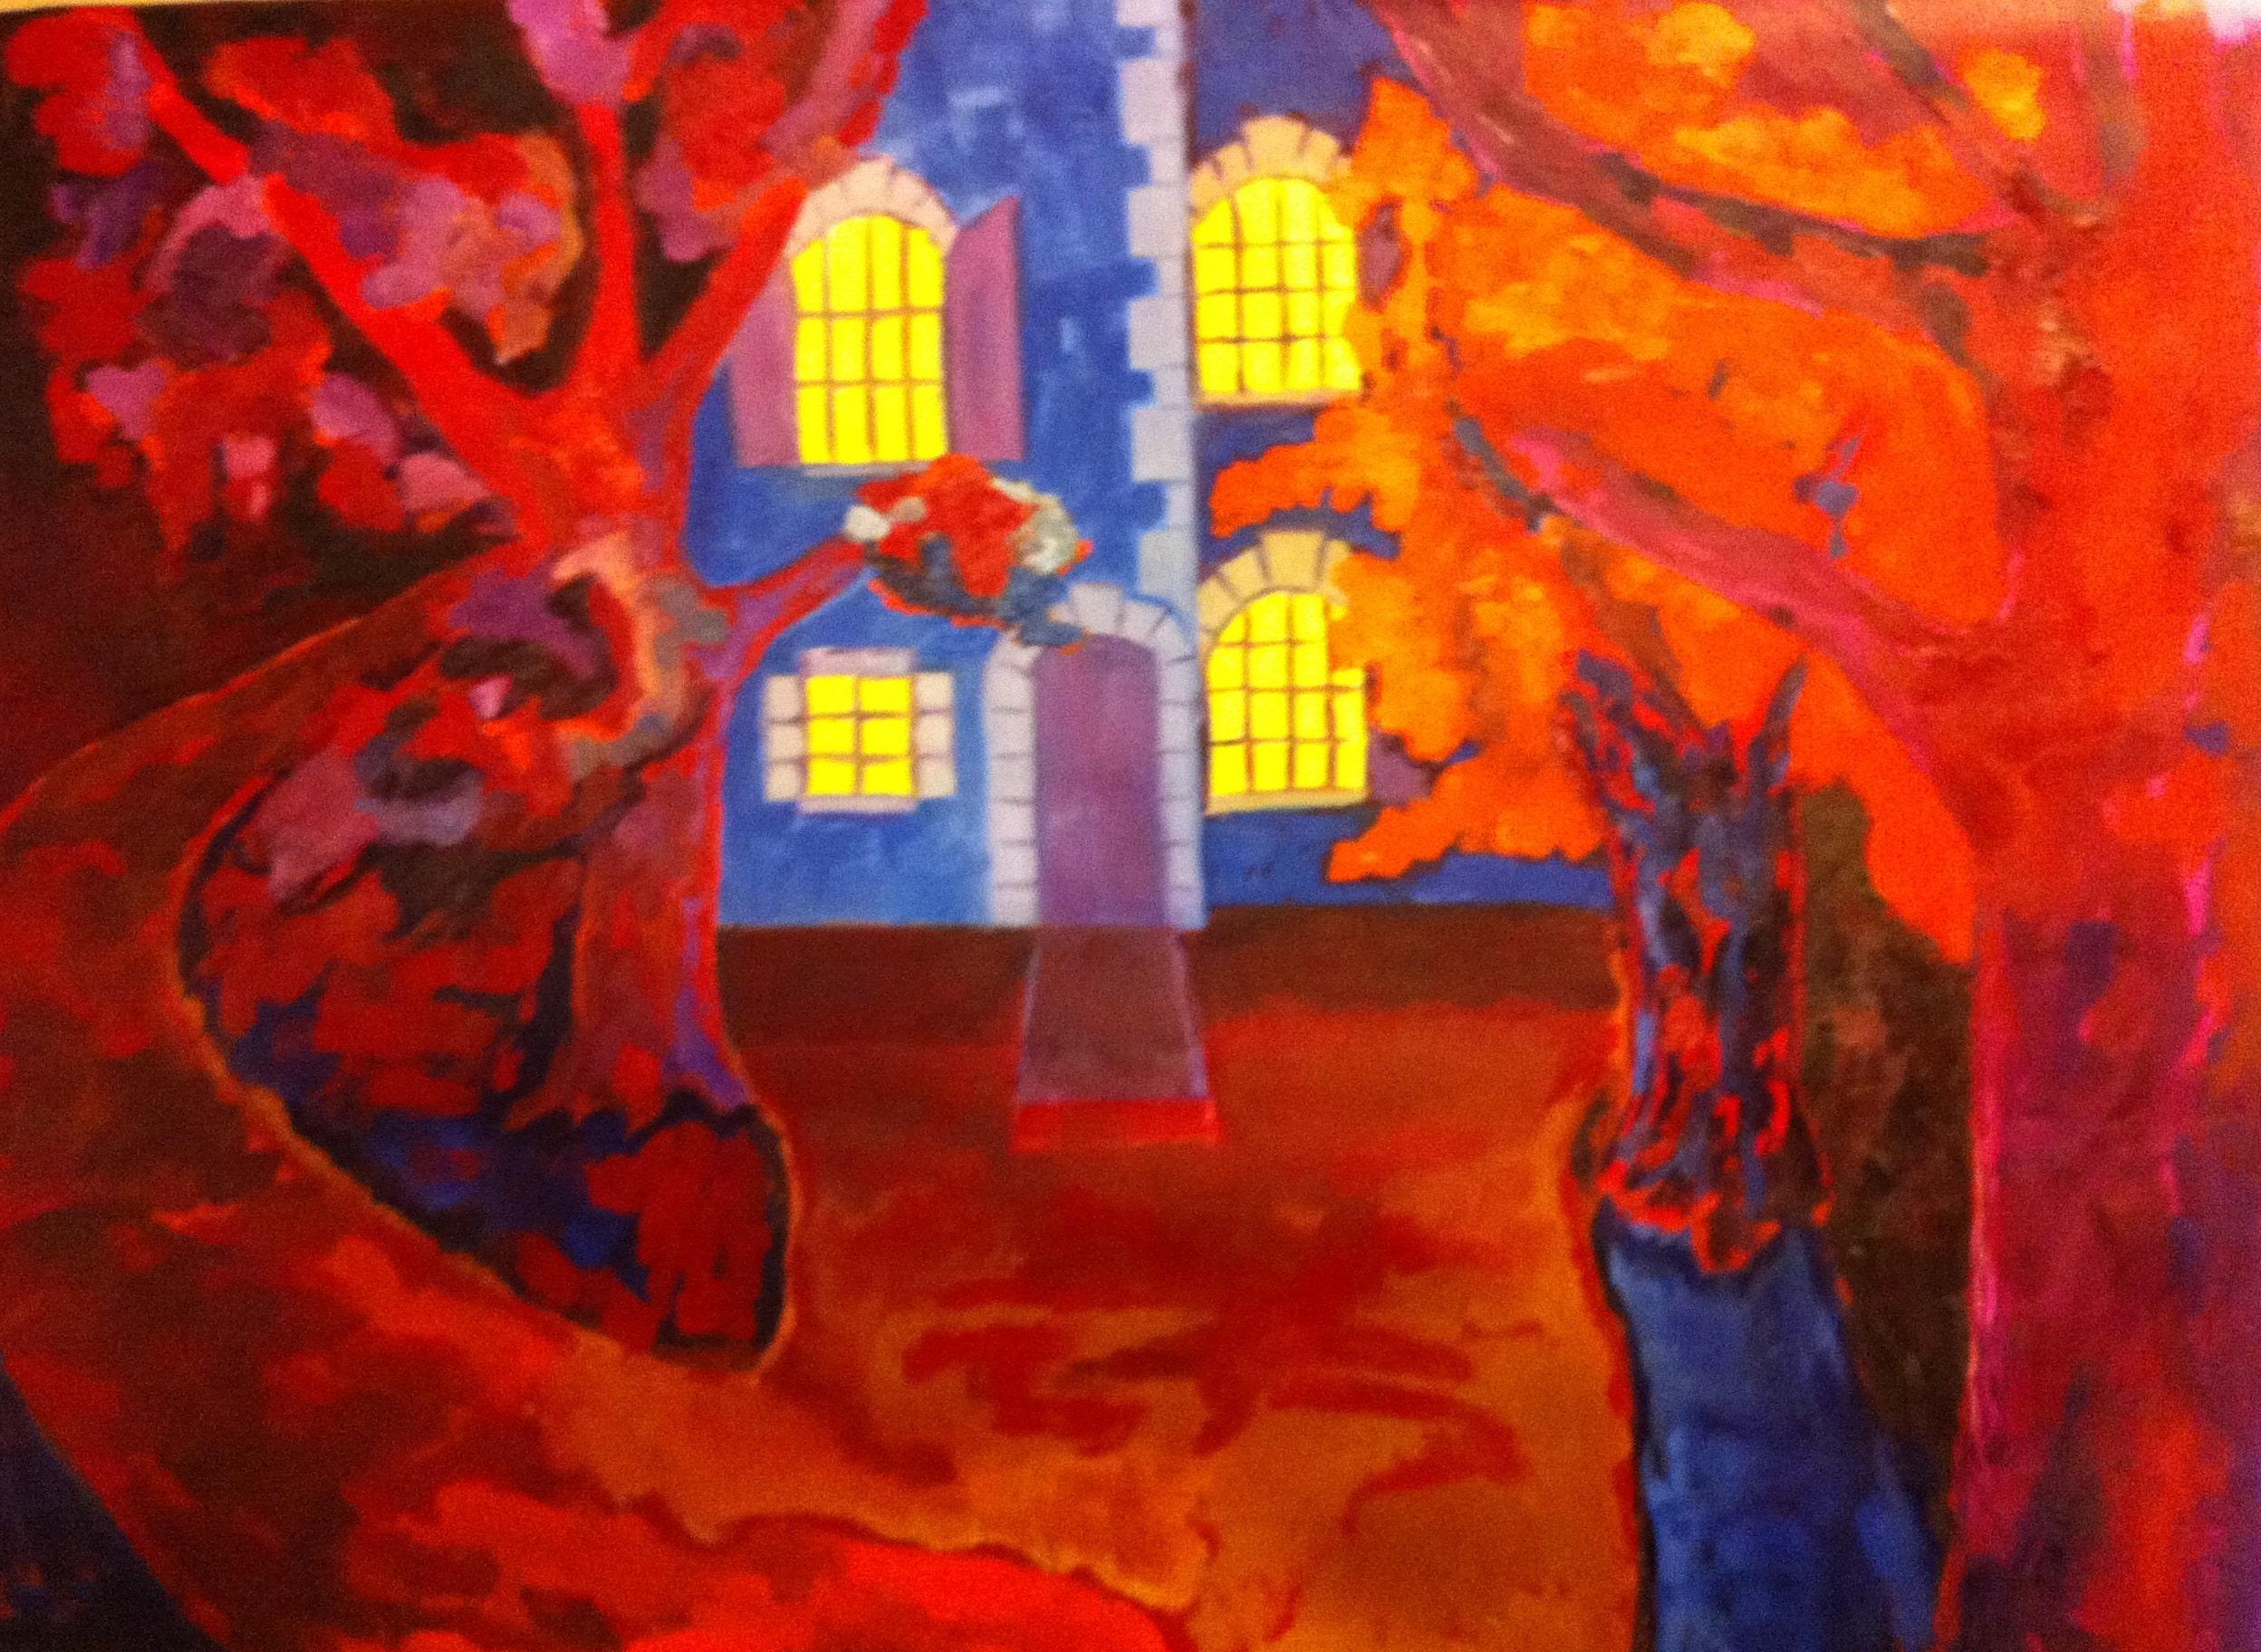 Hôtes et artistes en poitou - La Maison du parc à La Villaumaire, Huile sur toile